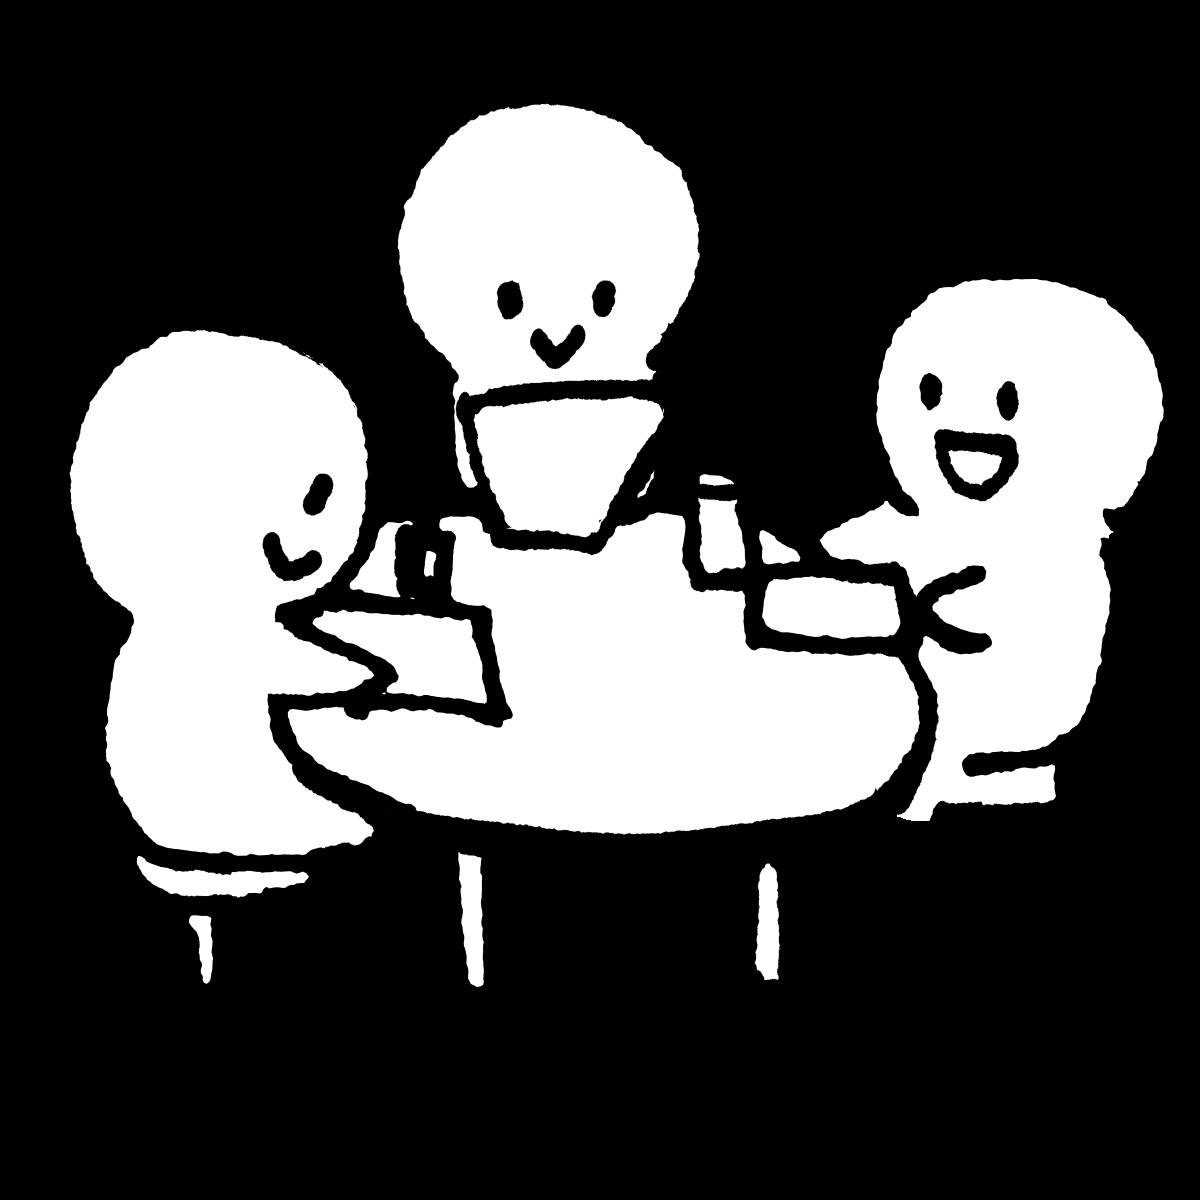 密接して話す(三密)のイラスト Speak closely  Illustration